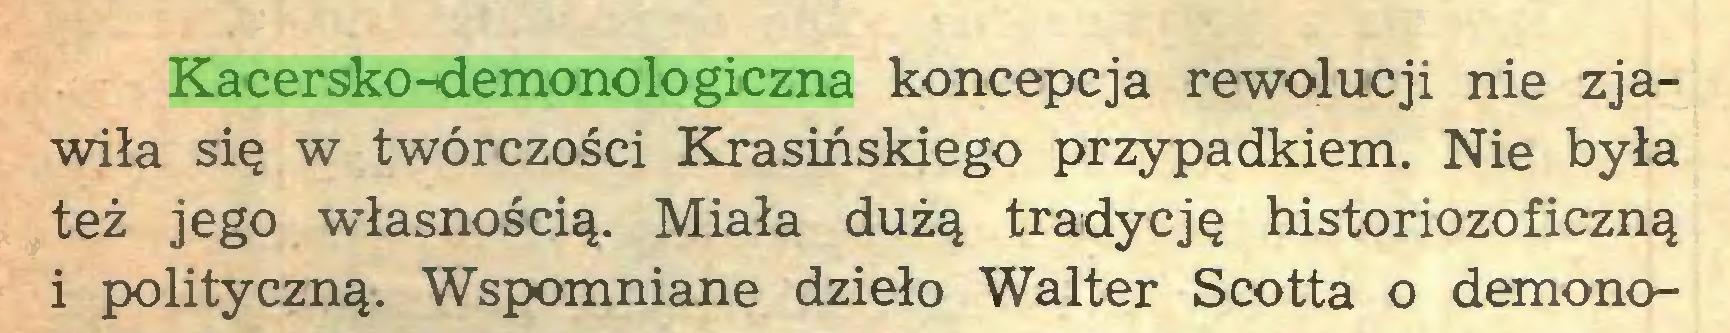 """(...) Kacersko-demonologiczna koncepcja rewolucji nie zjawiła się w twórczości Krasińskiego przypadkiem. Nie była też jego """"własnością. Miała dużą tradycję historiozoficzną i polityczną. Wspomniane dzieło Walter Scotta o demono..."""